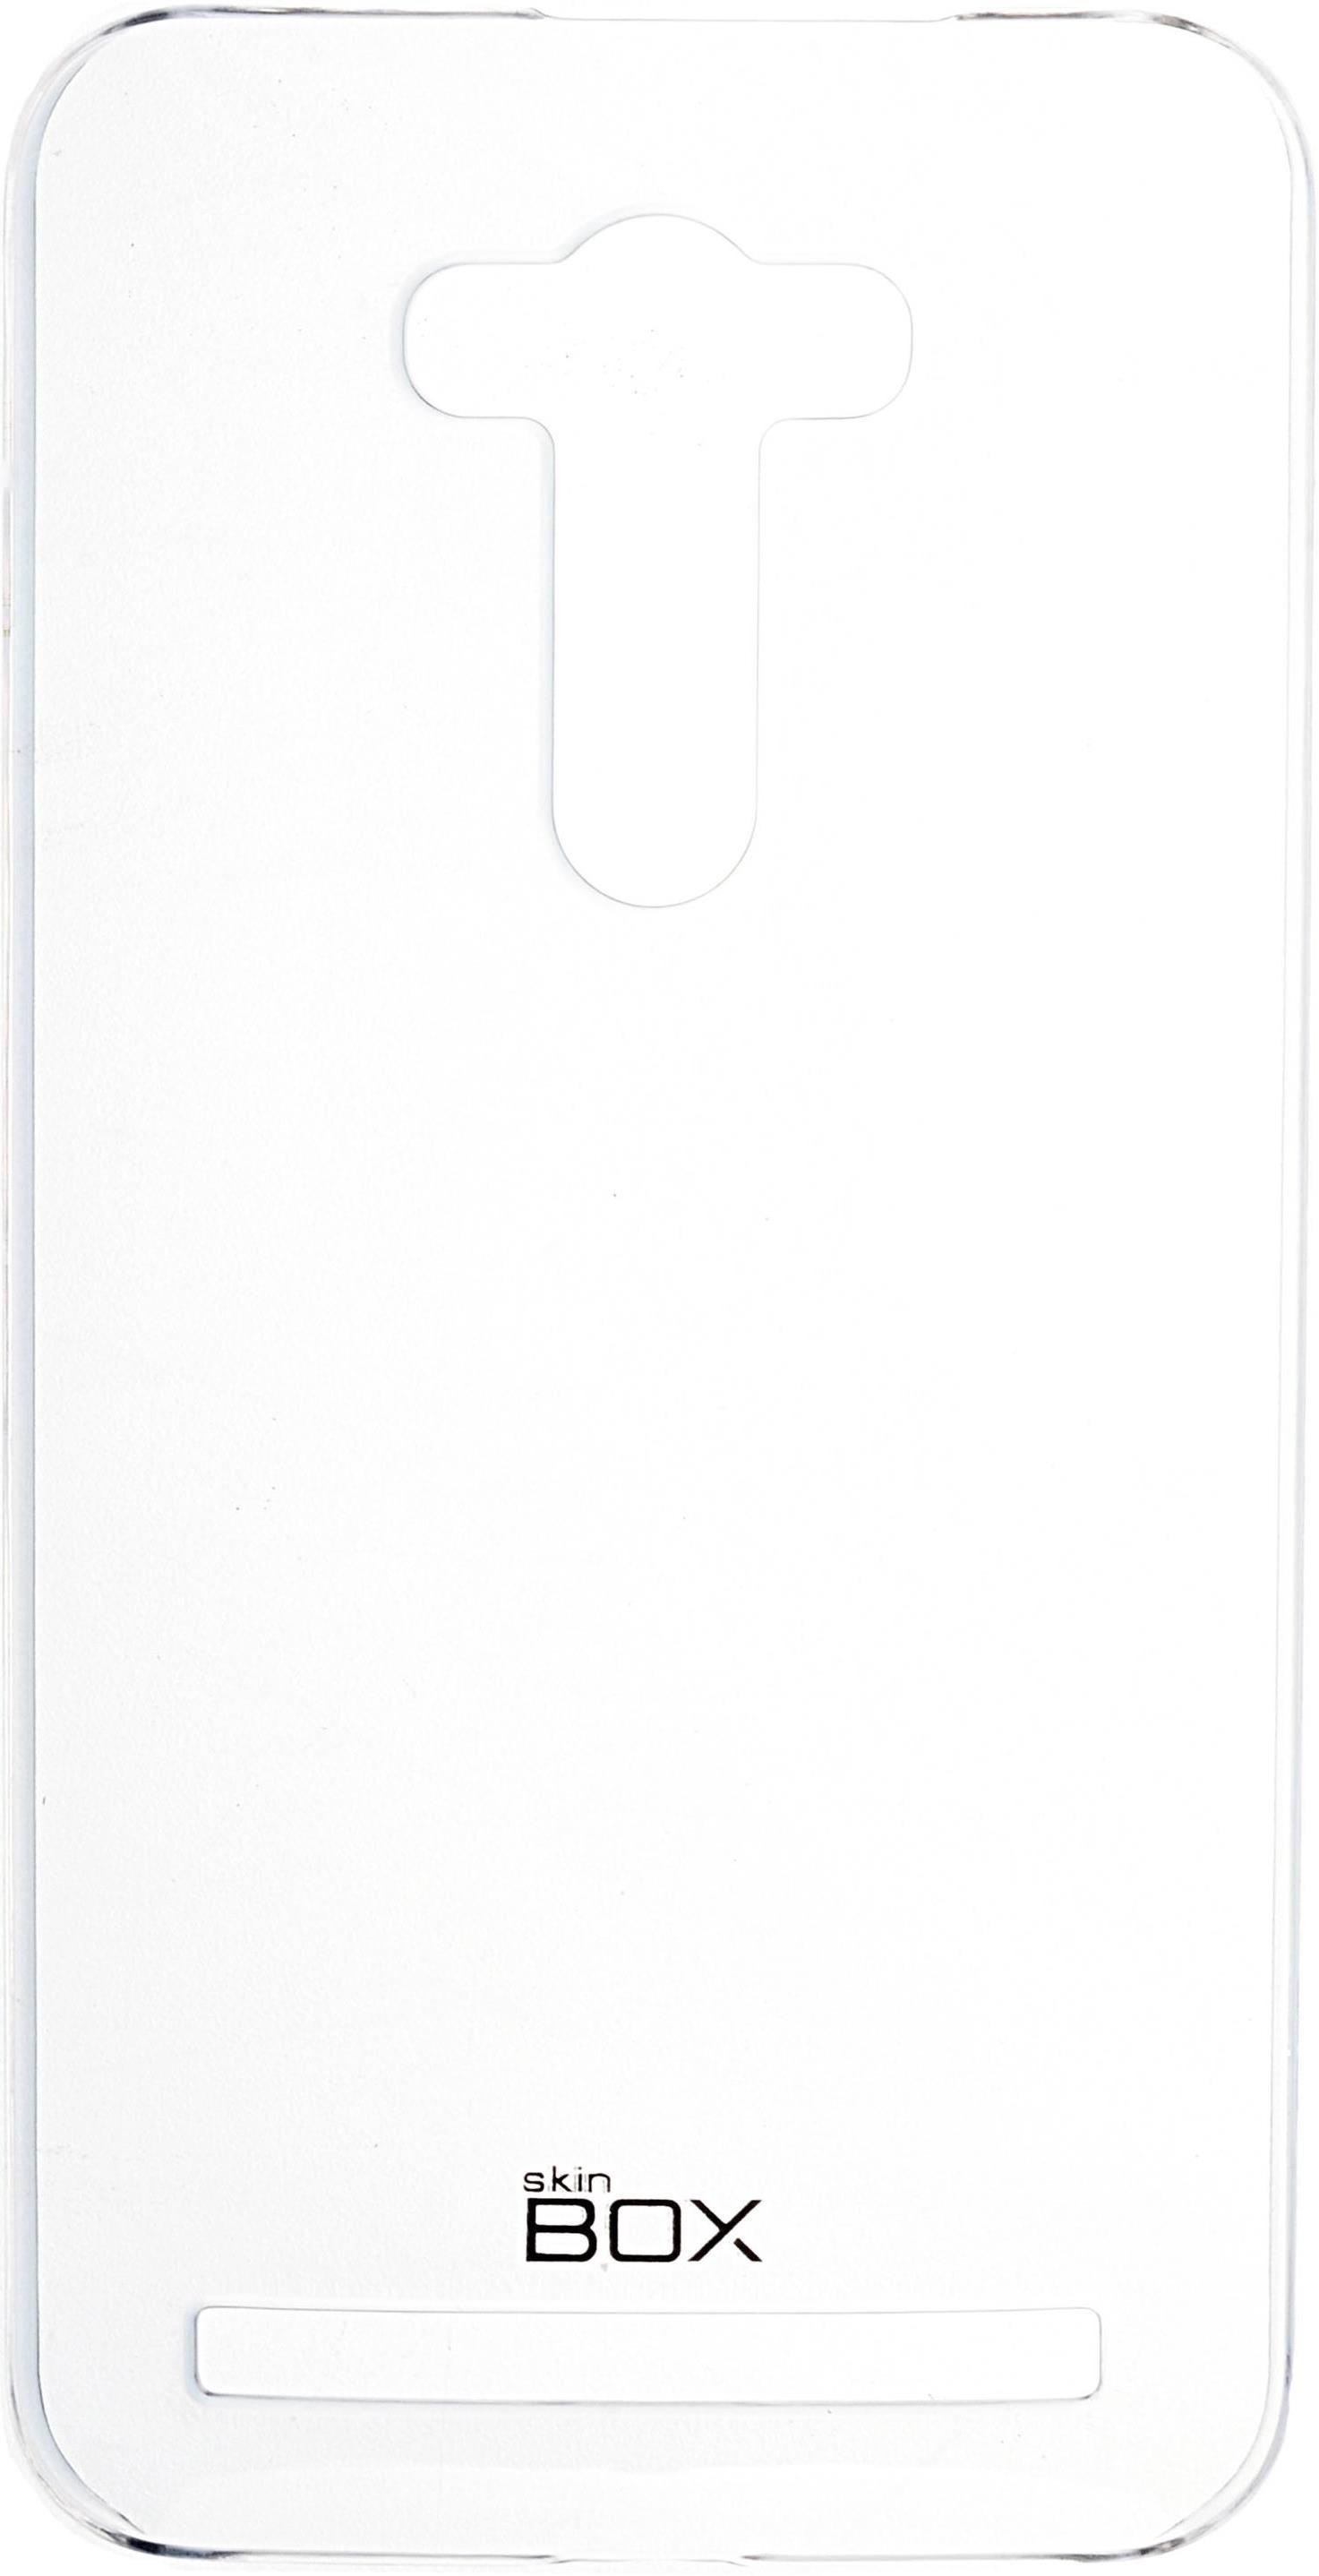 Чехол для сотового телефона skinBOX Crystal, 4630042524910, прозрачный чехол для сотового телефона skinbox crystal 4630042524613 прозрачный